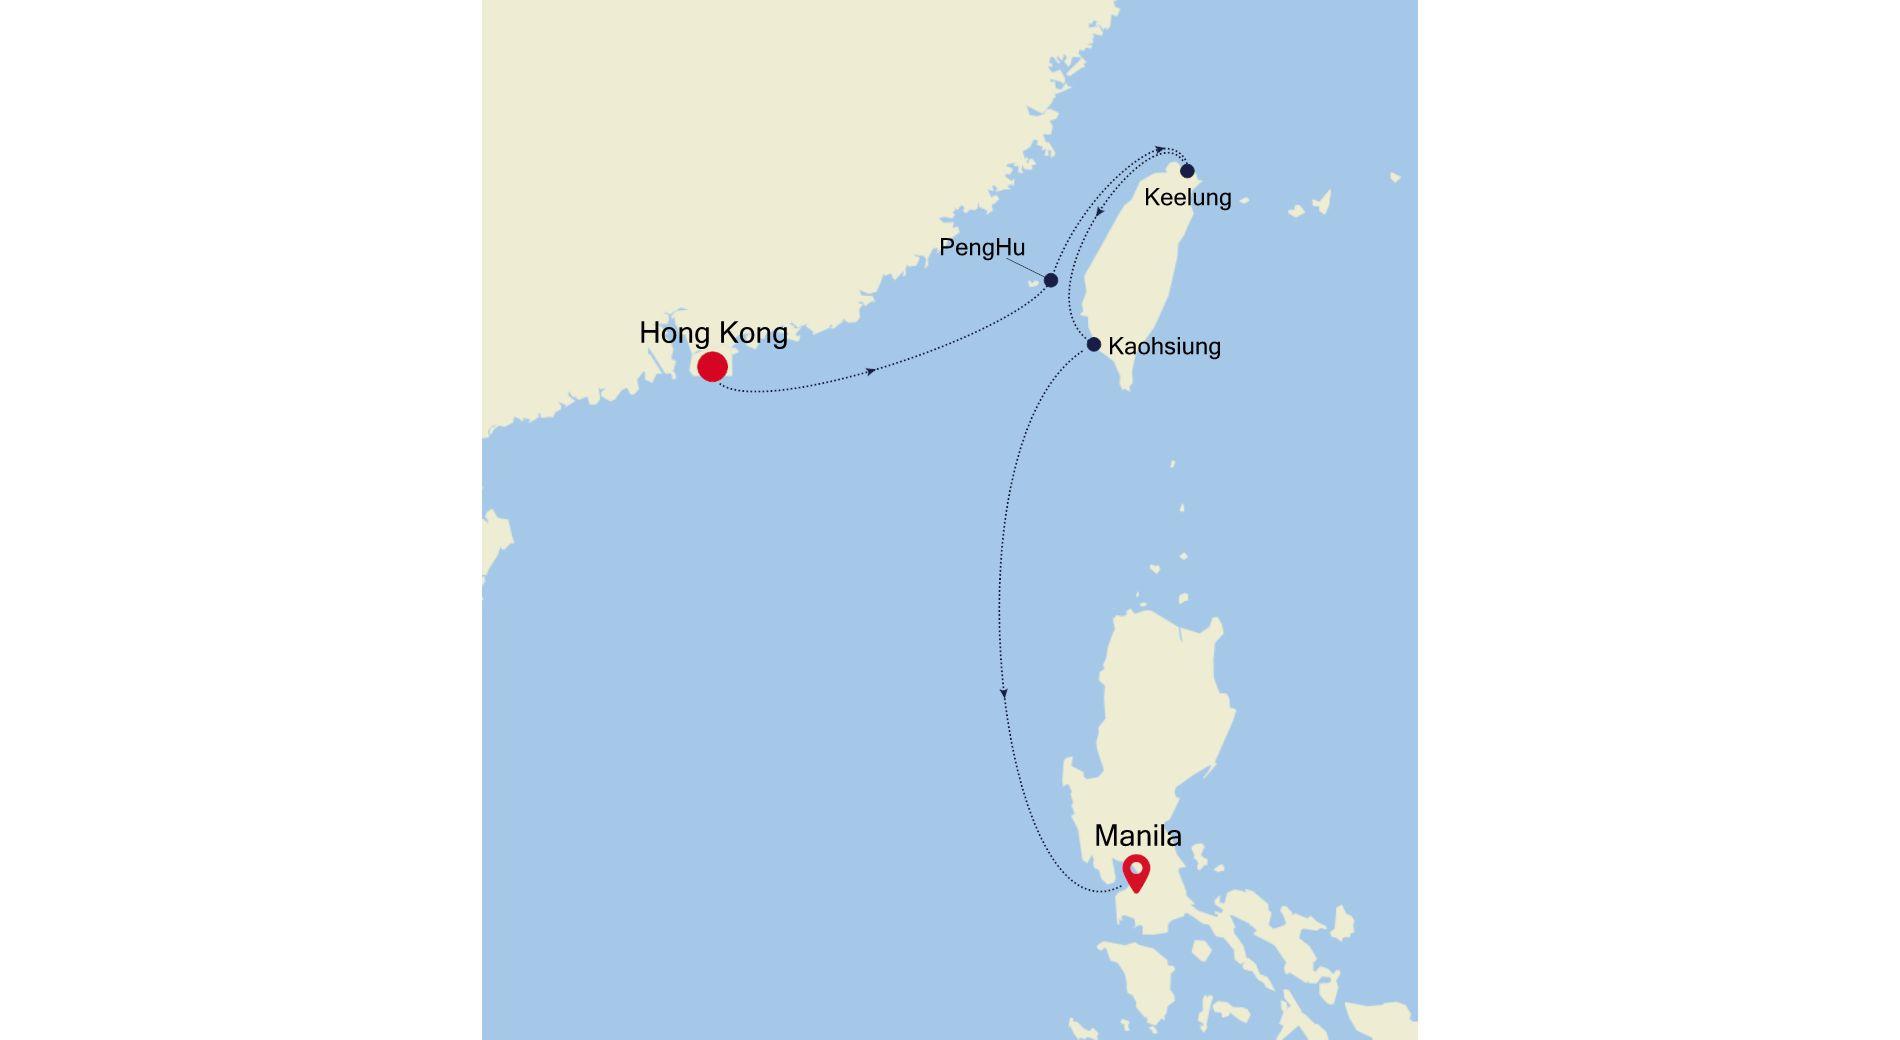 SL210104S06 - Hong Kong to Manila